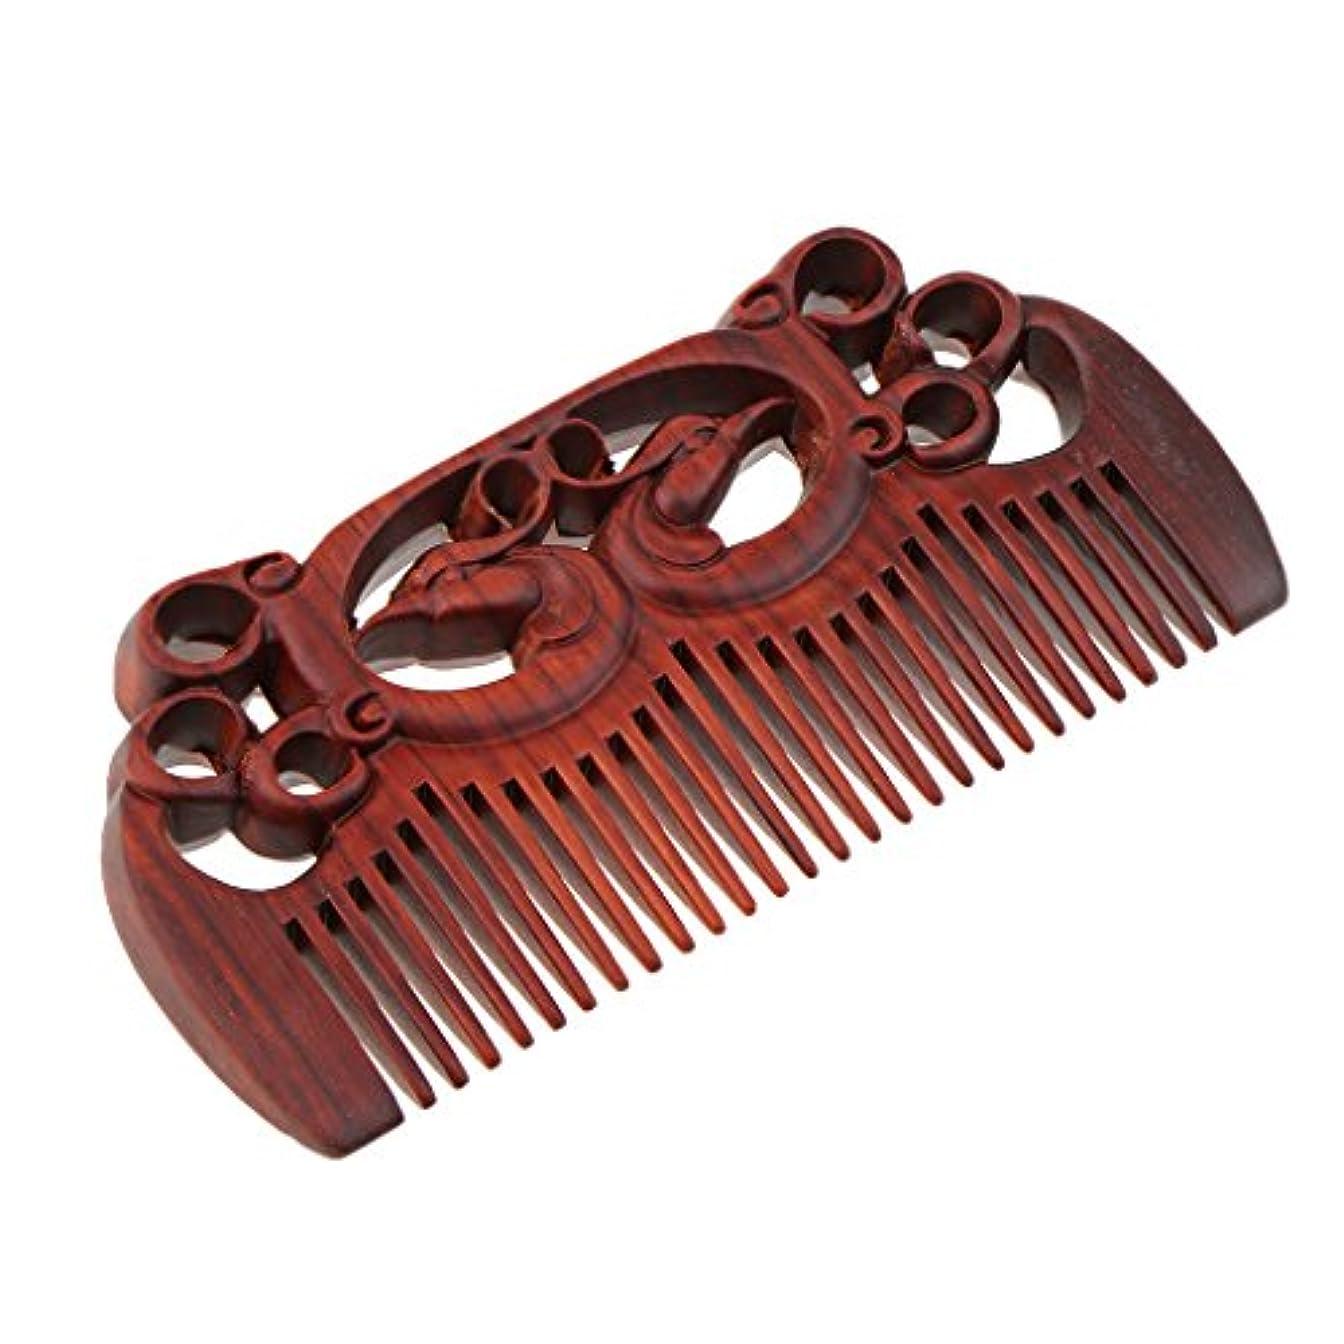 スカウトパテ枯れるSM SunniMix 木製コーム ウッドコーム ワイド歯 ヘアブラシ 頭皮マッサージ ヘアスタイリング 全2種類 - #1